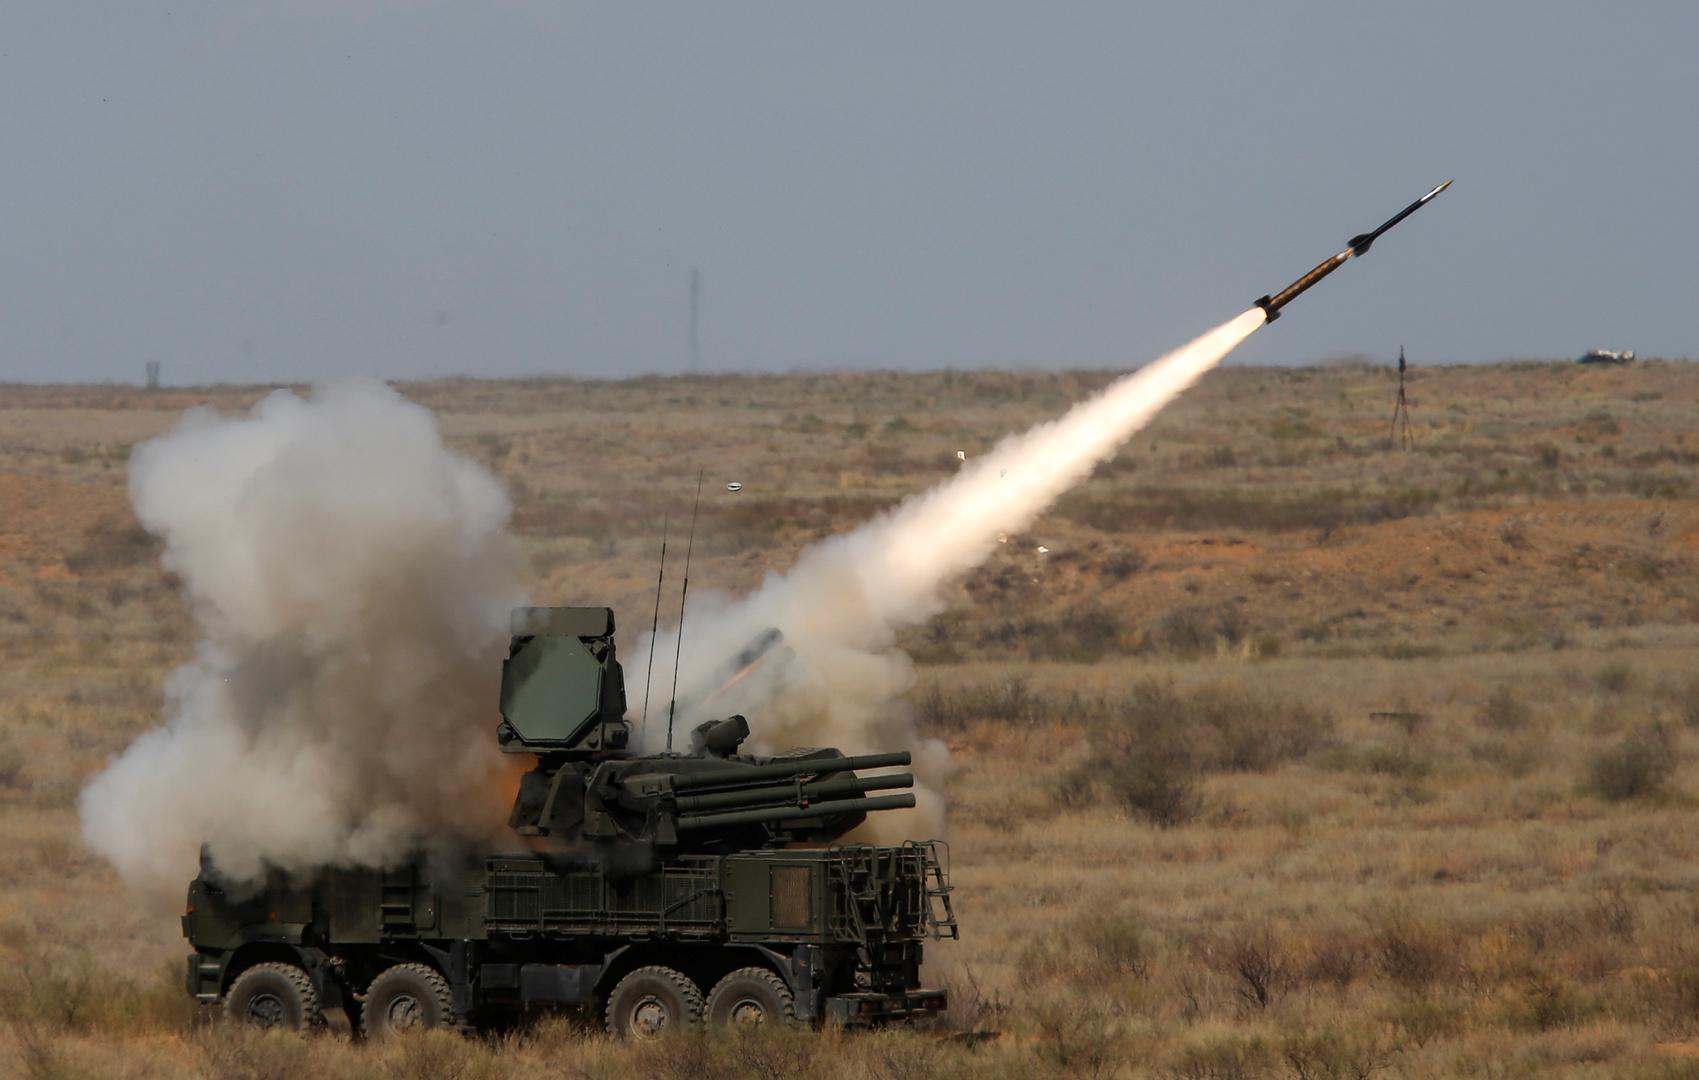 وصول أول شحنة من الأنظمة الصاروخية الروسية